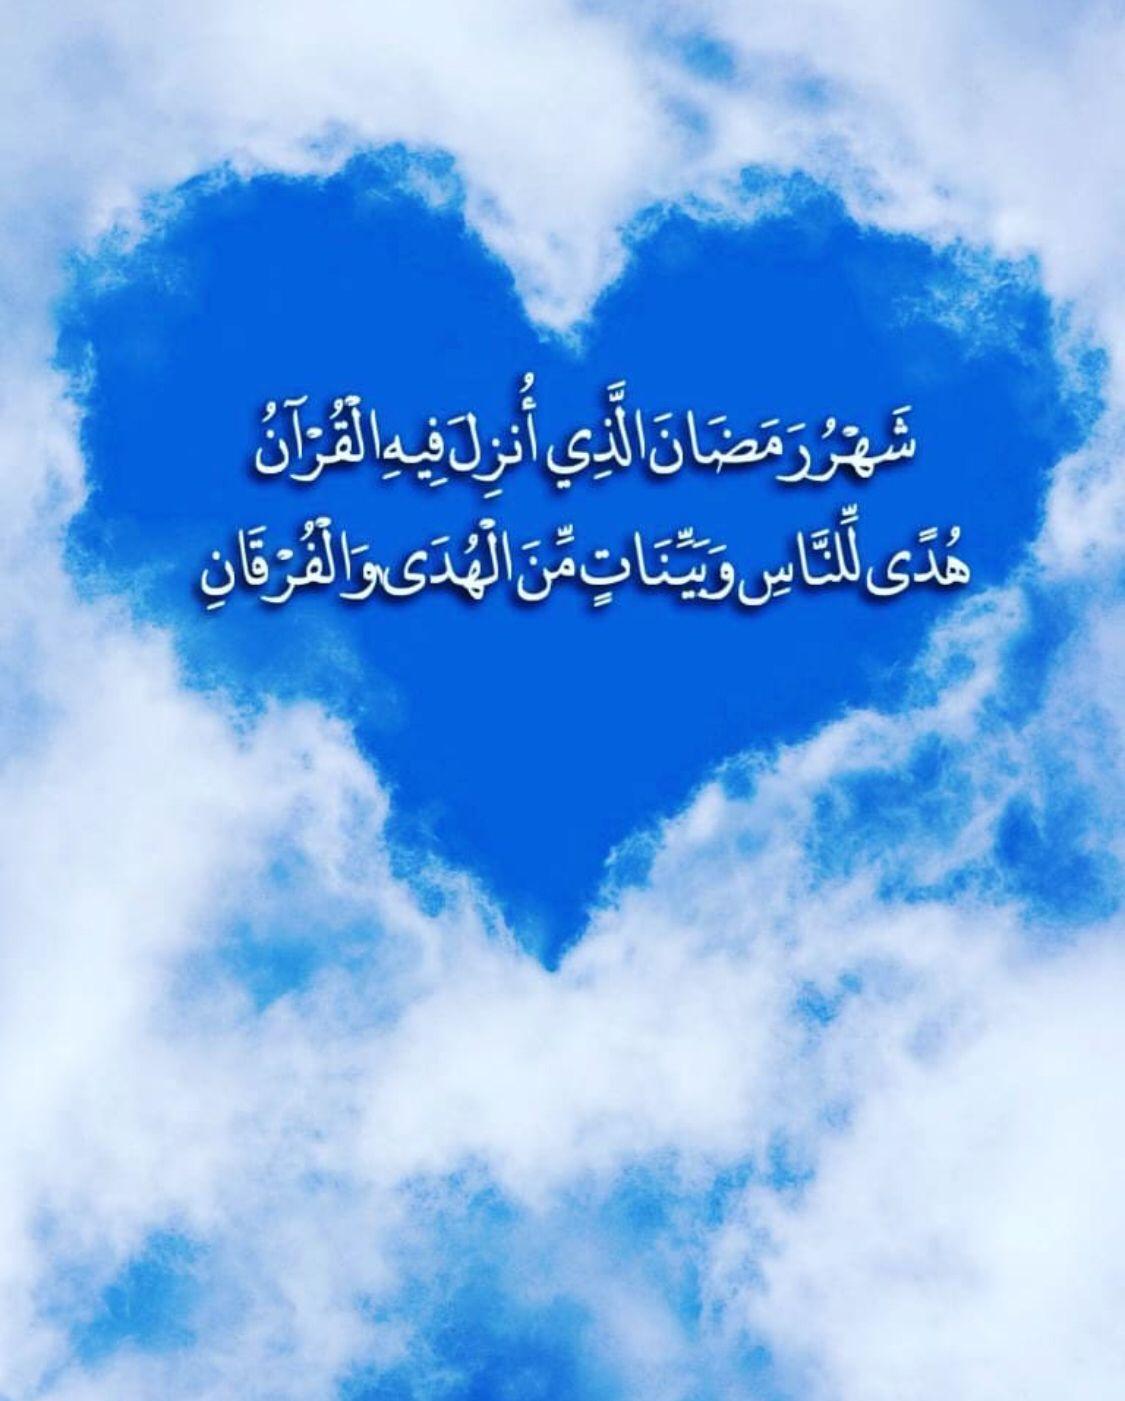 Pin By Maryam Badwi On وقفة مع آية Prayer For The Day Ramadan Kareem Ramadan